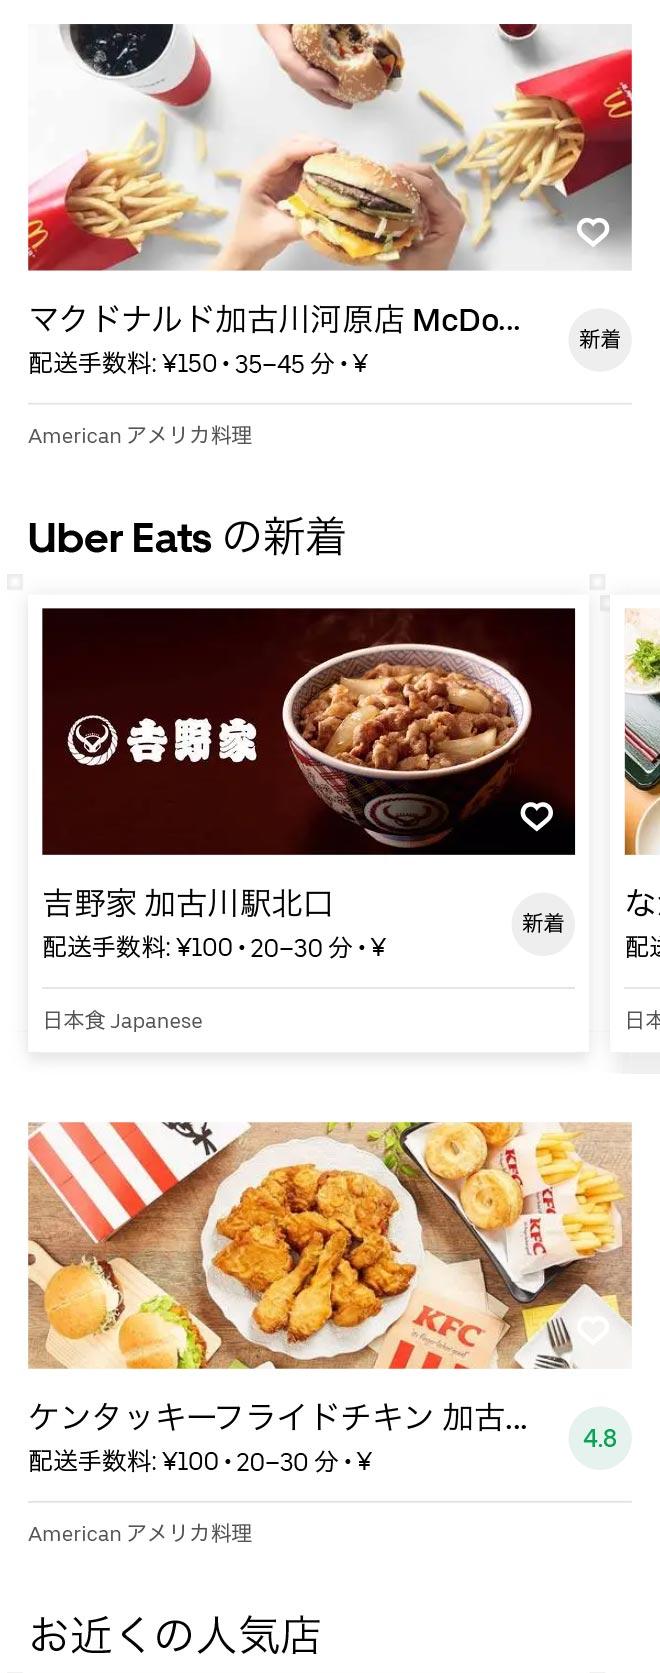 Kakogawa menu 2010 1